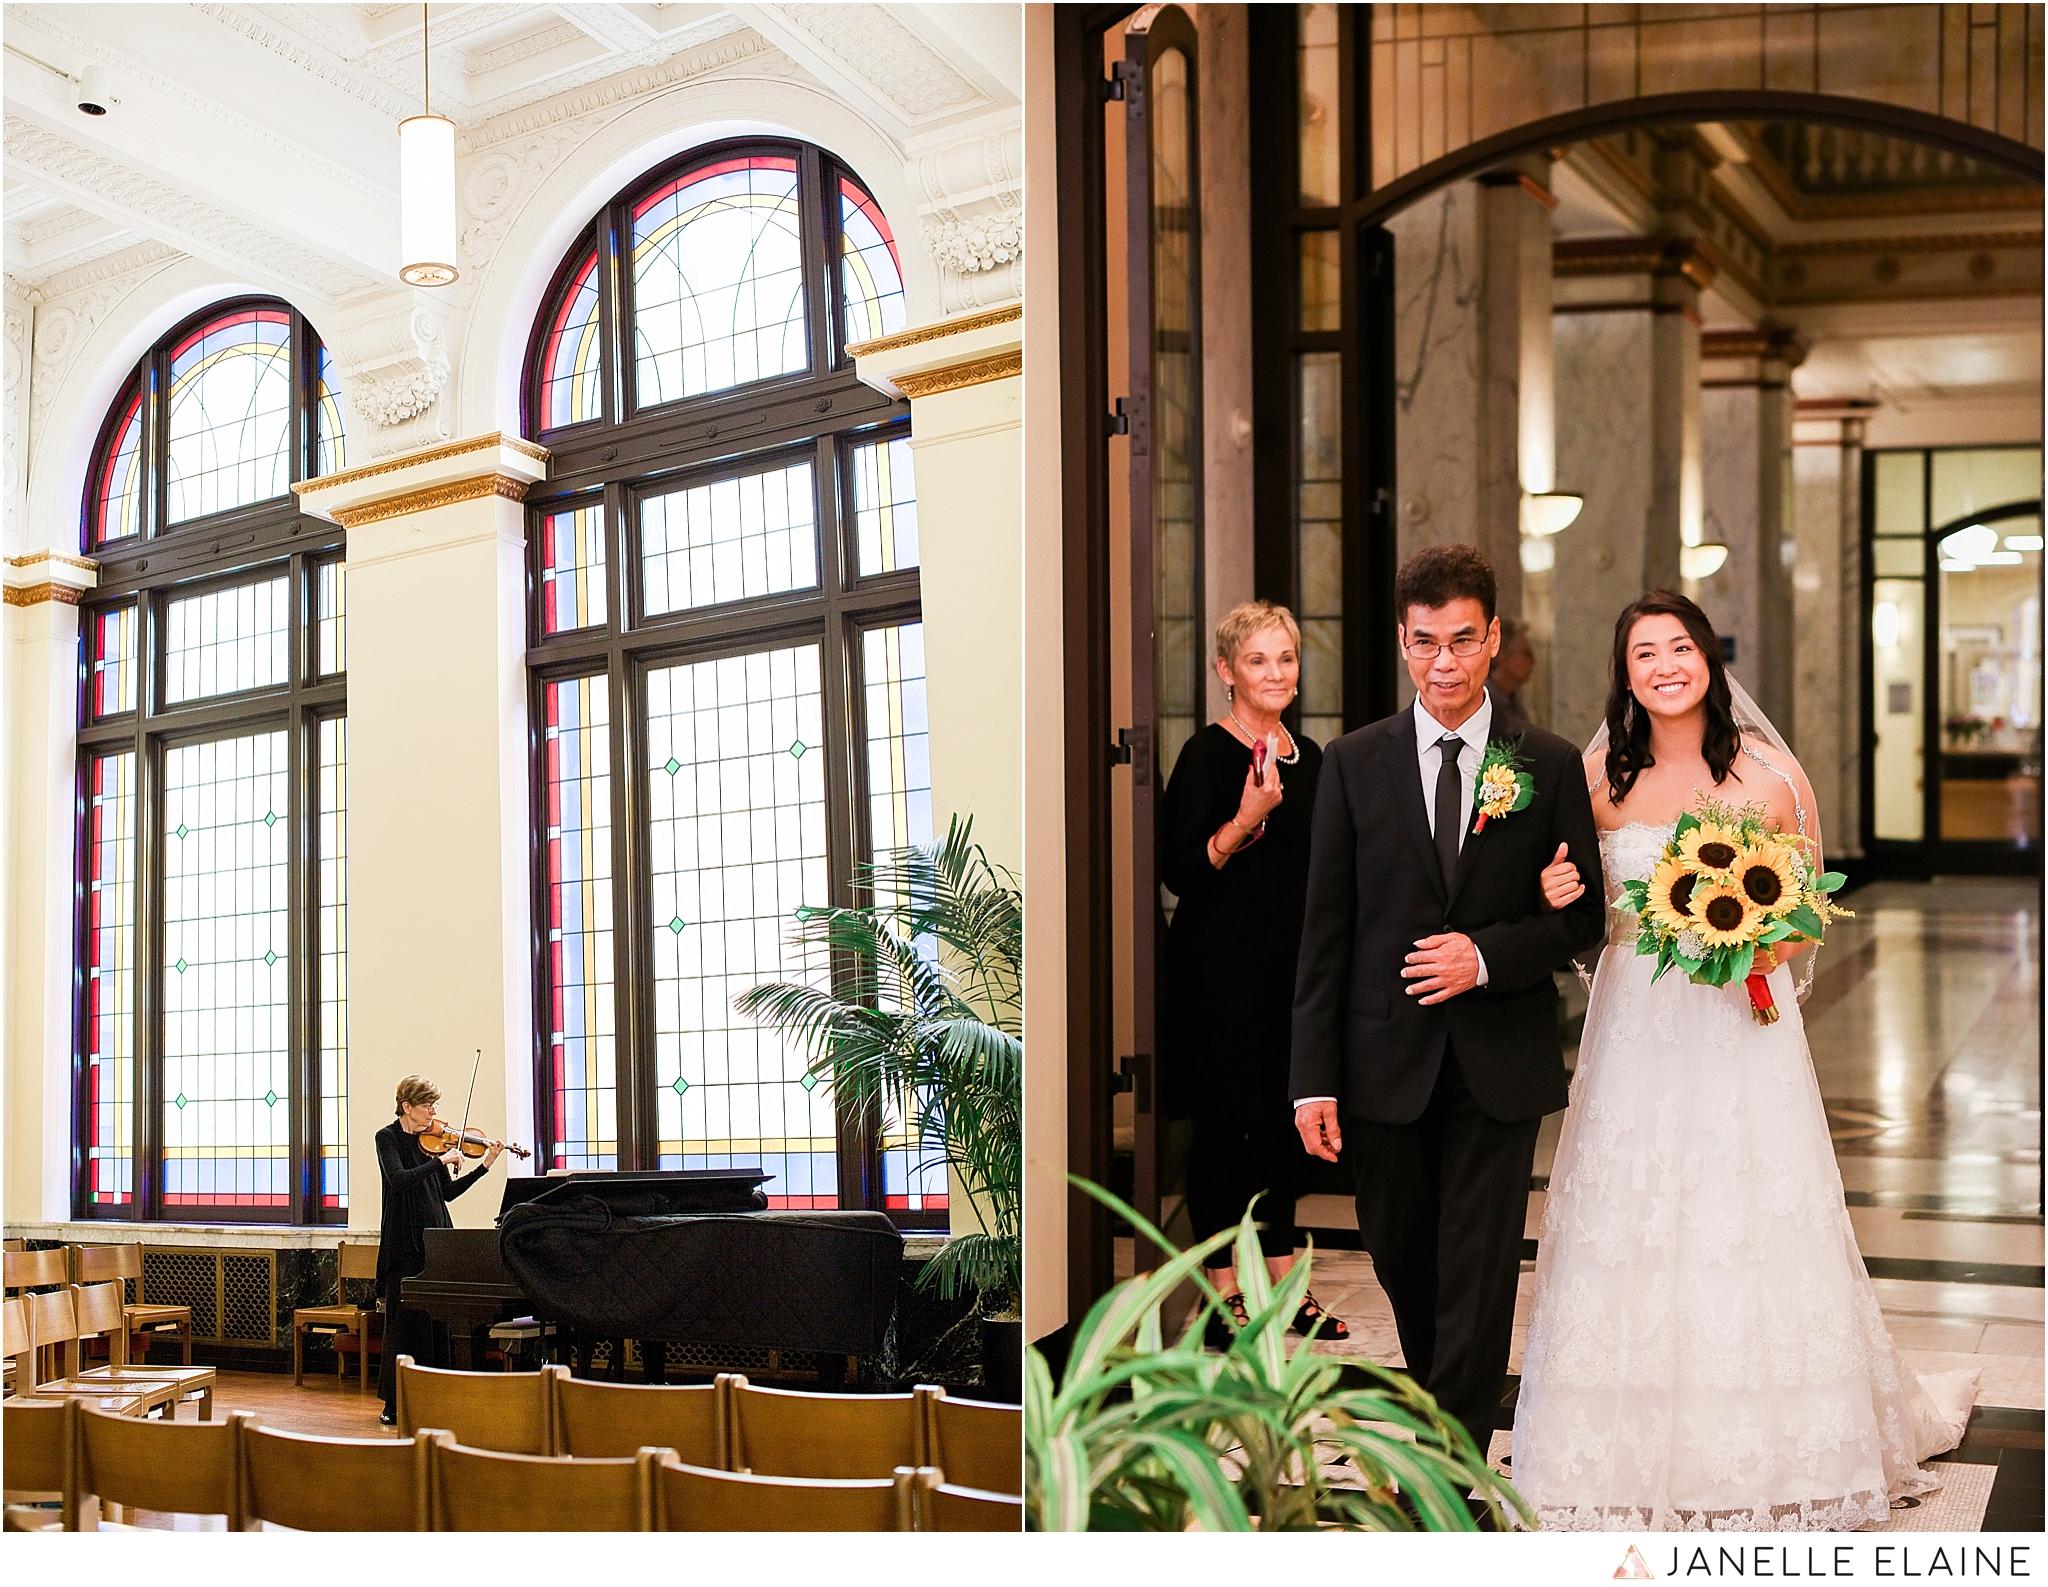 janelle elaine photography-professional wedding photographer seattle--1.jpg